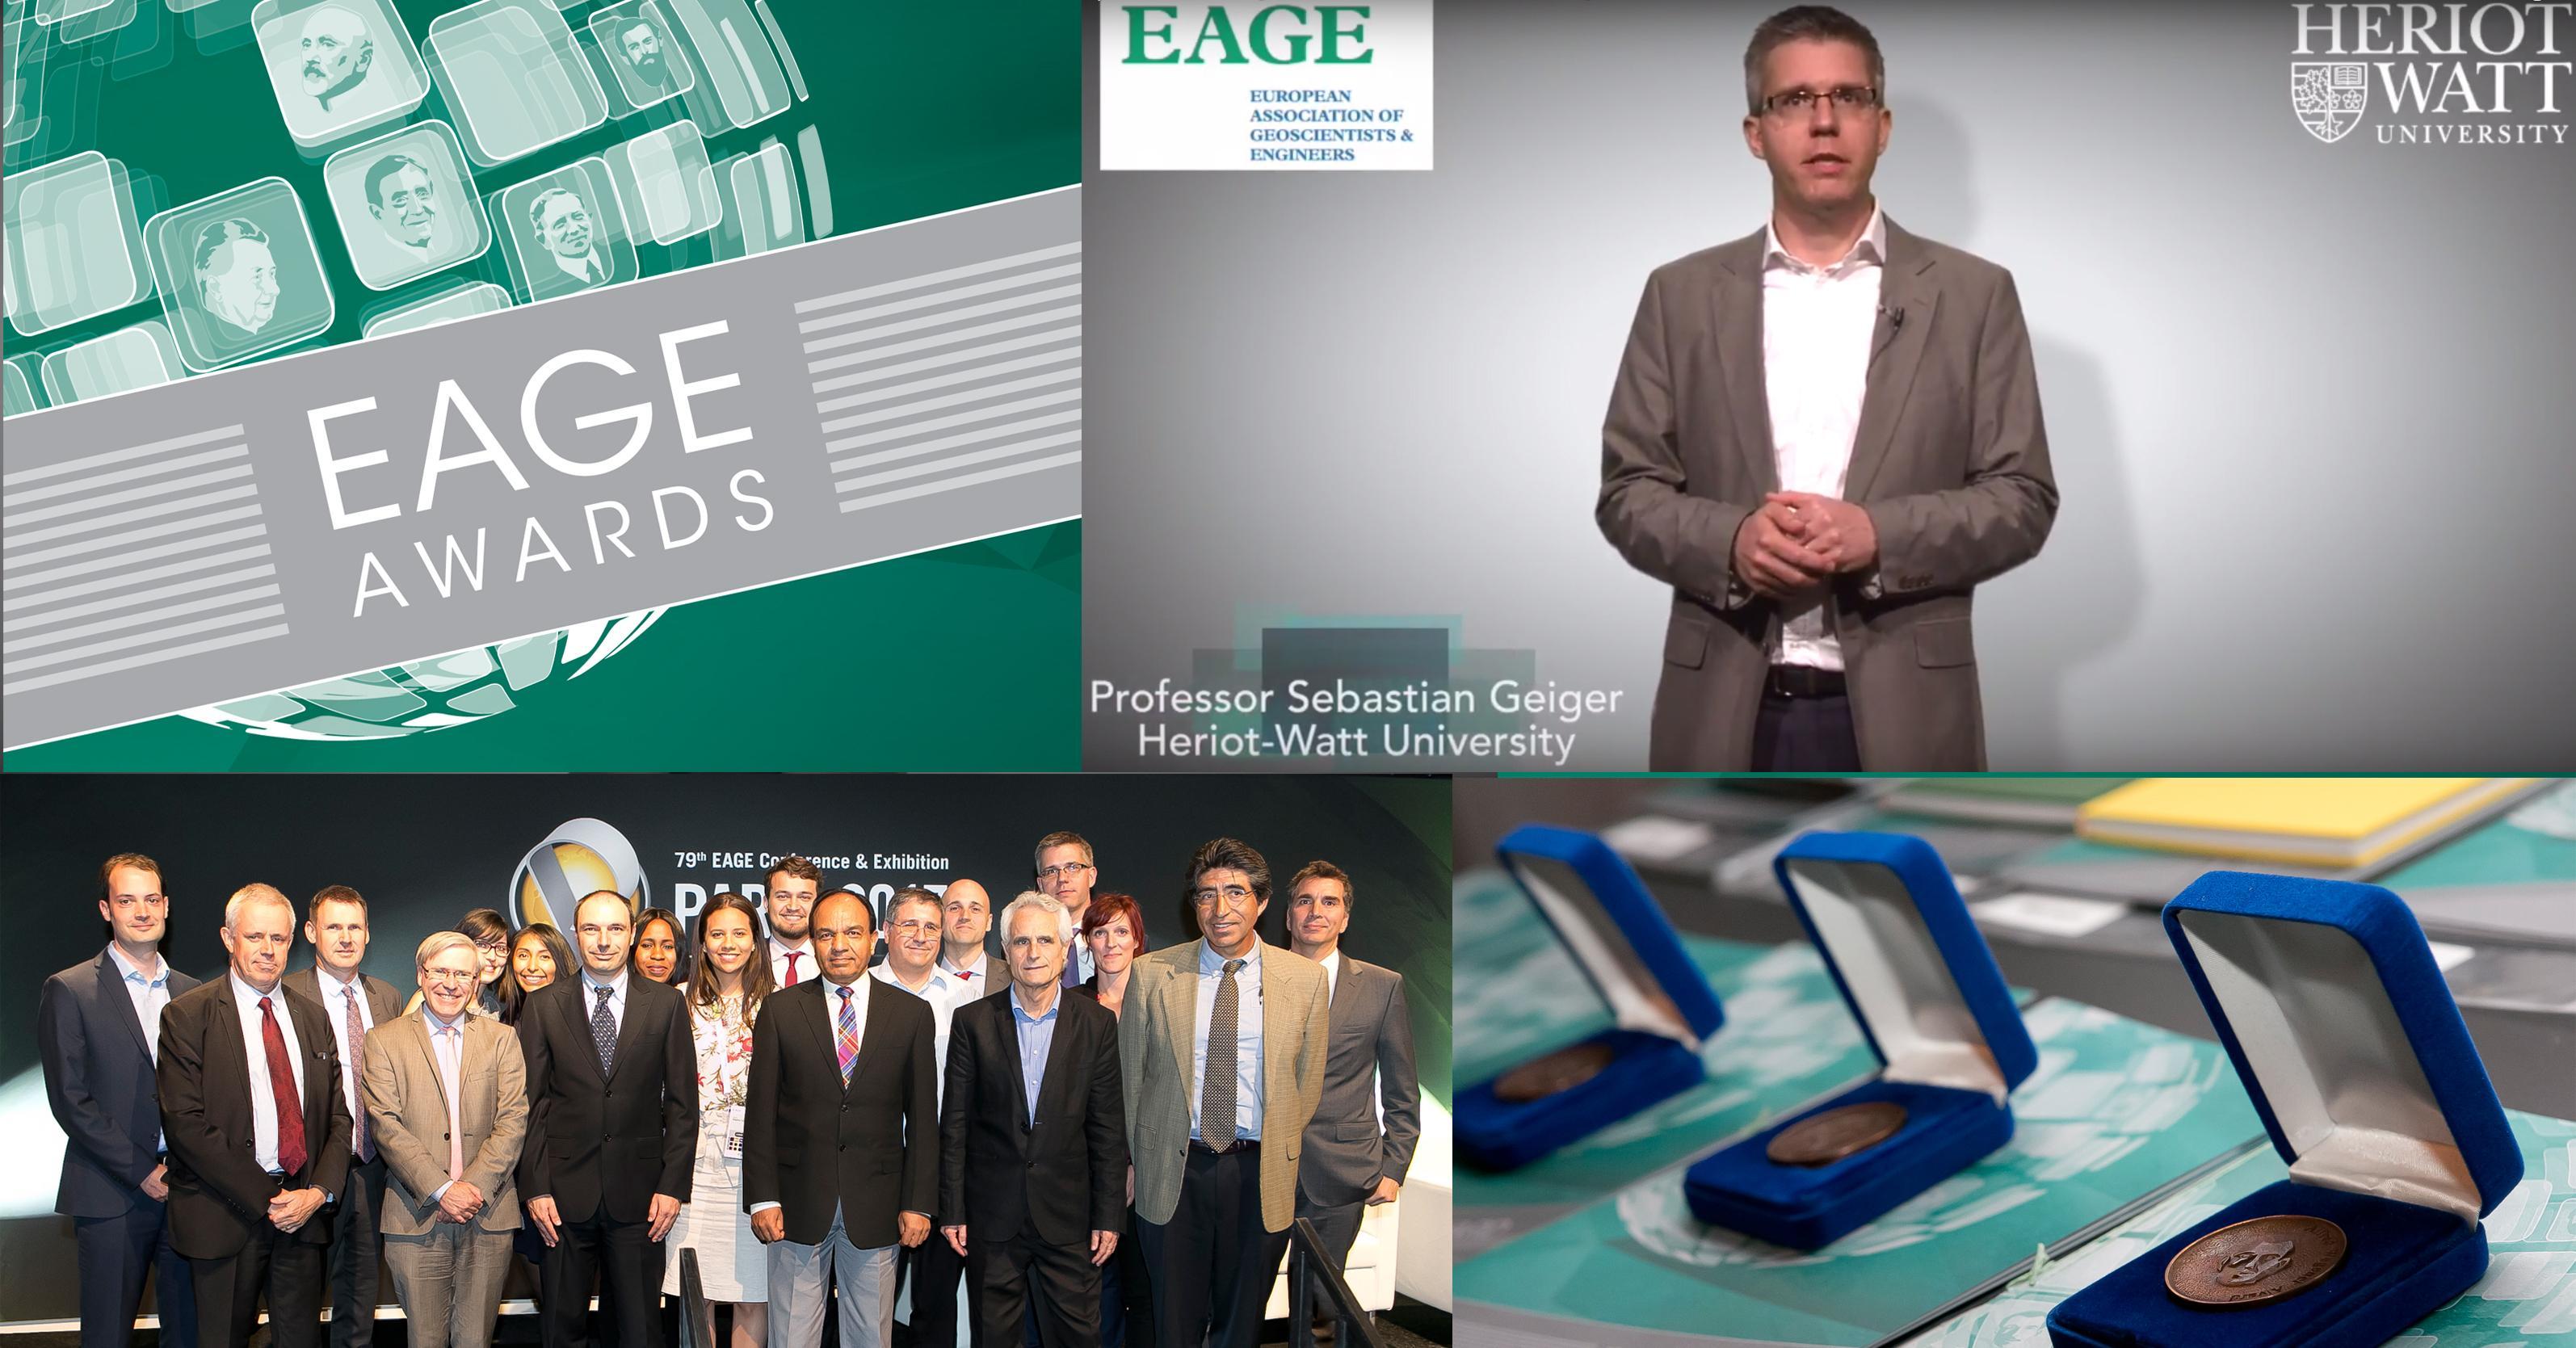 EAGE Awards 2018